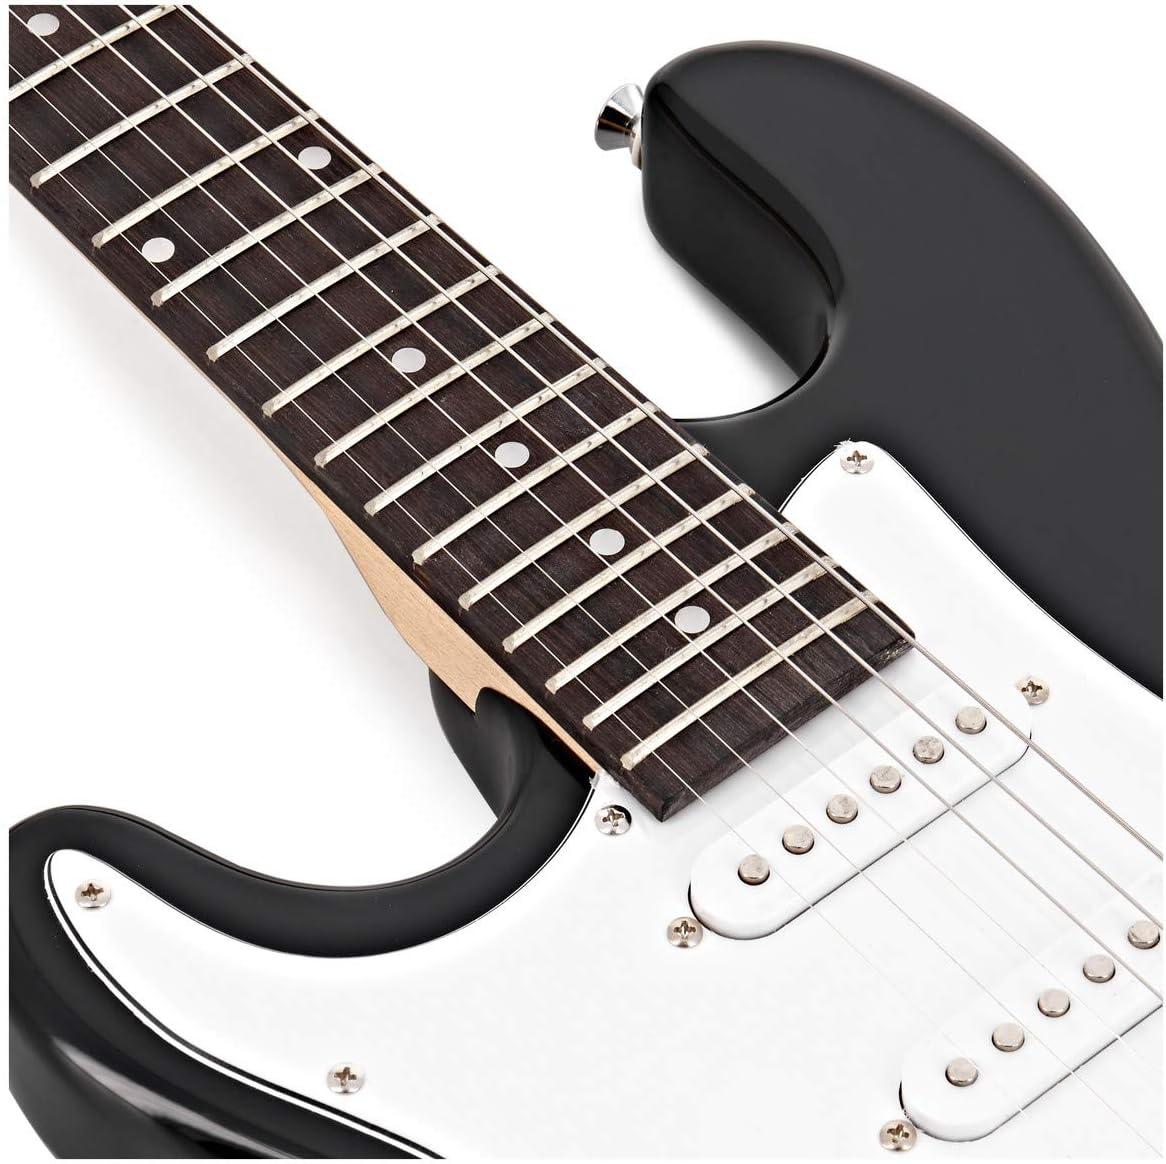 Set de Guitarra Electrica 3/4 para Zurdos LA + AmplificadorÂ: Amazon.es: Instrumentos musicales